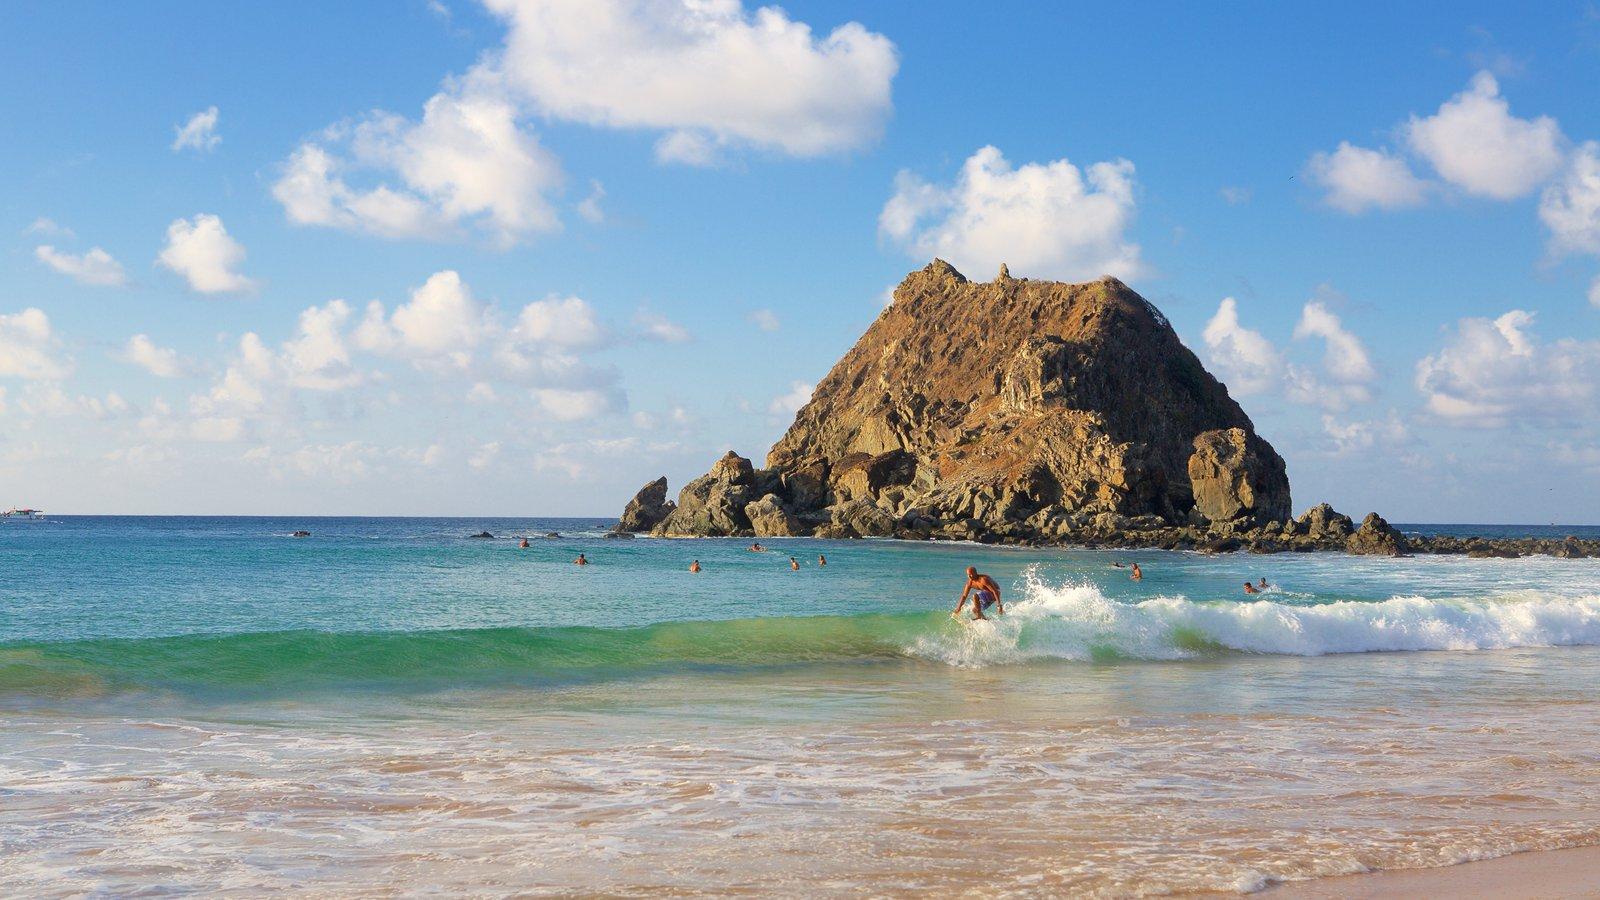 Praia da Conceição mostrando natação, surfe e ondas